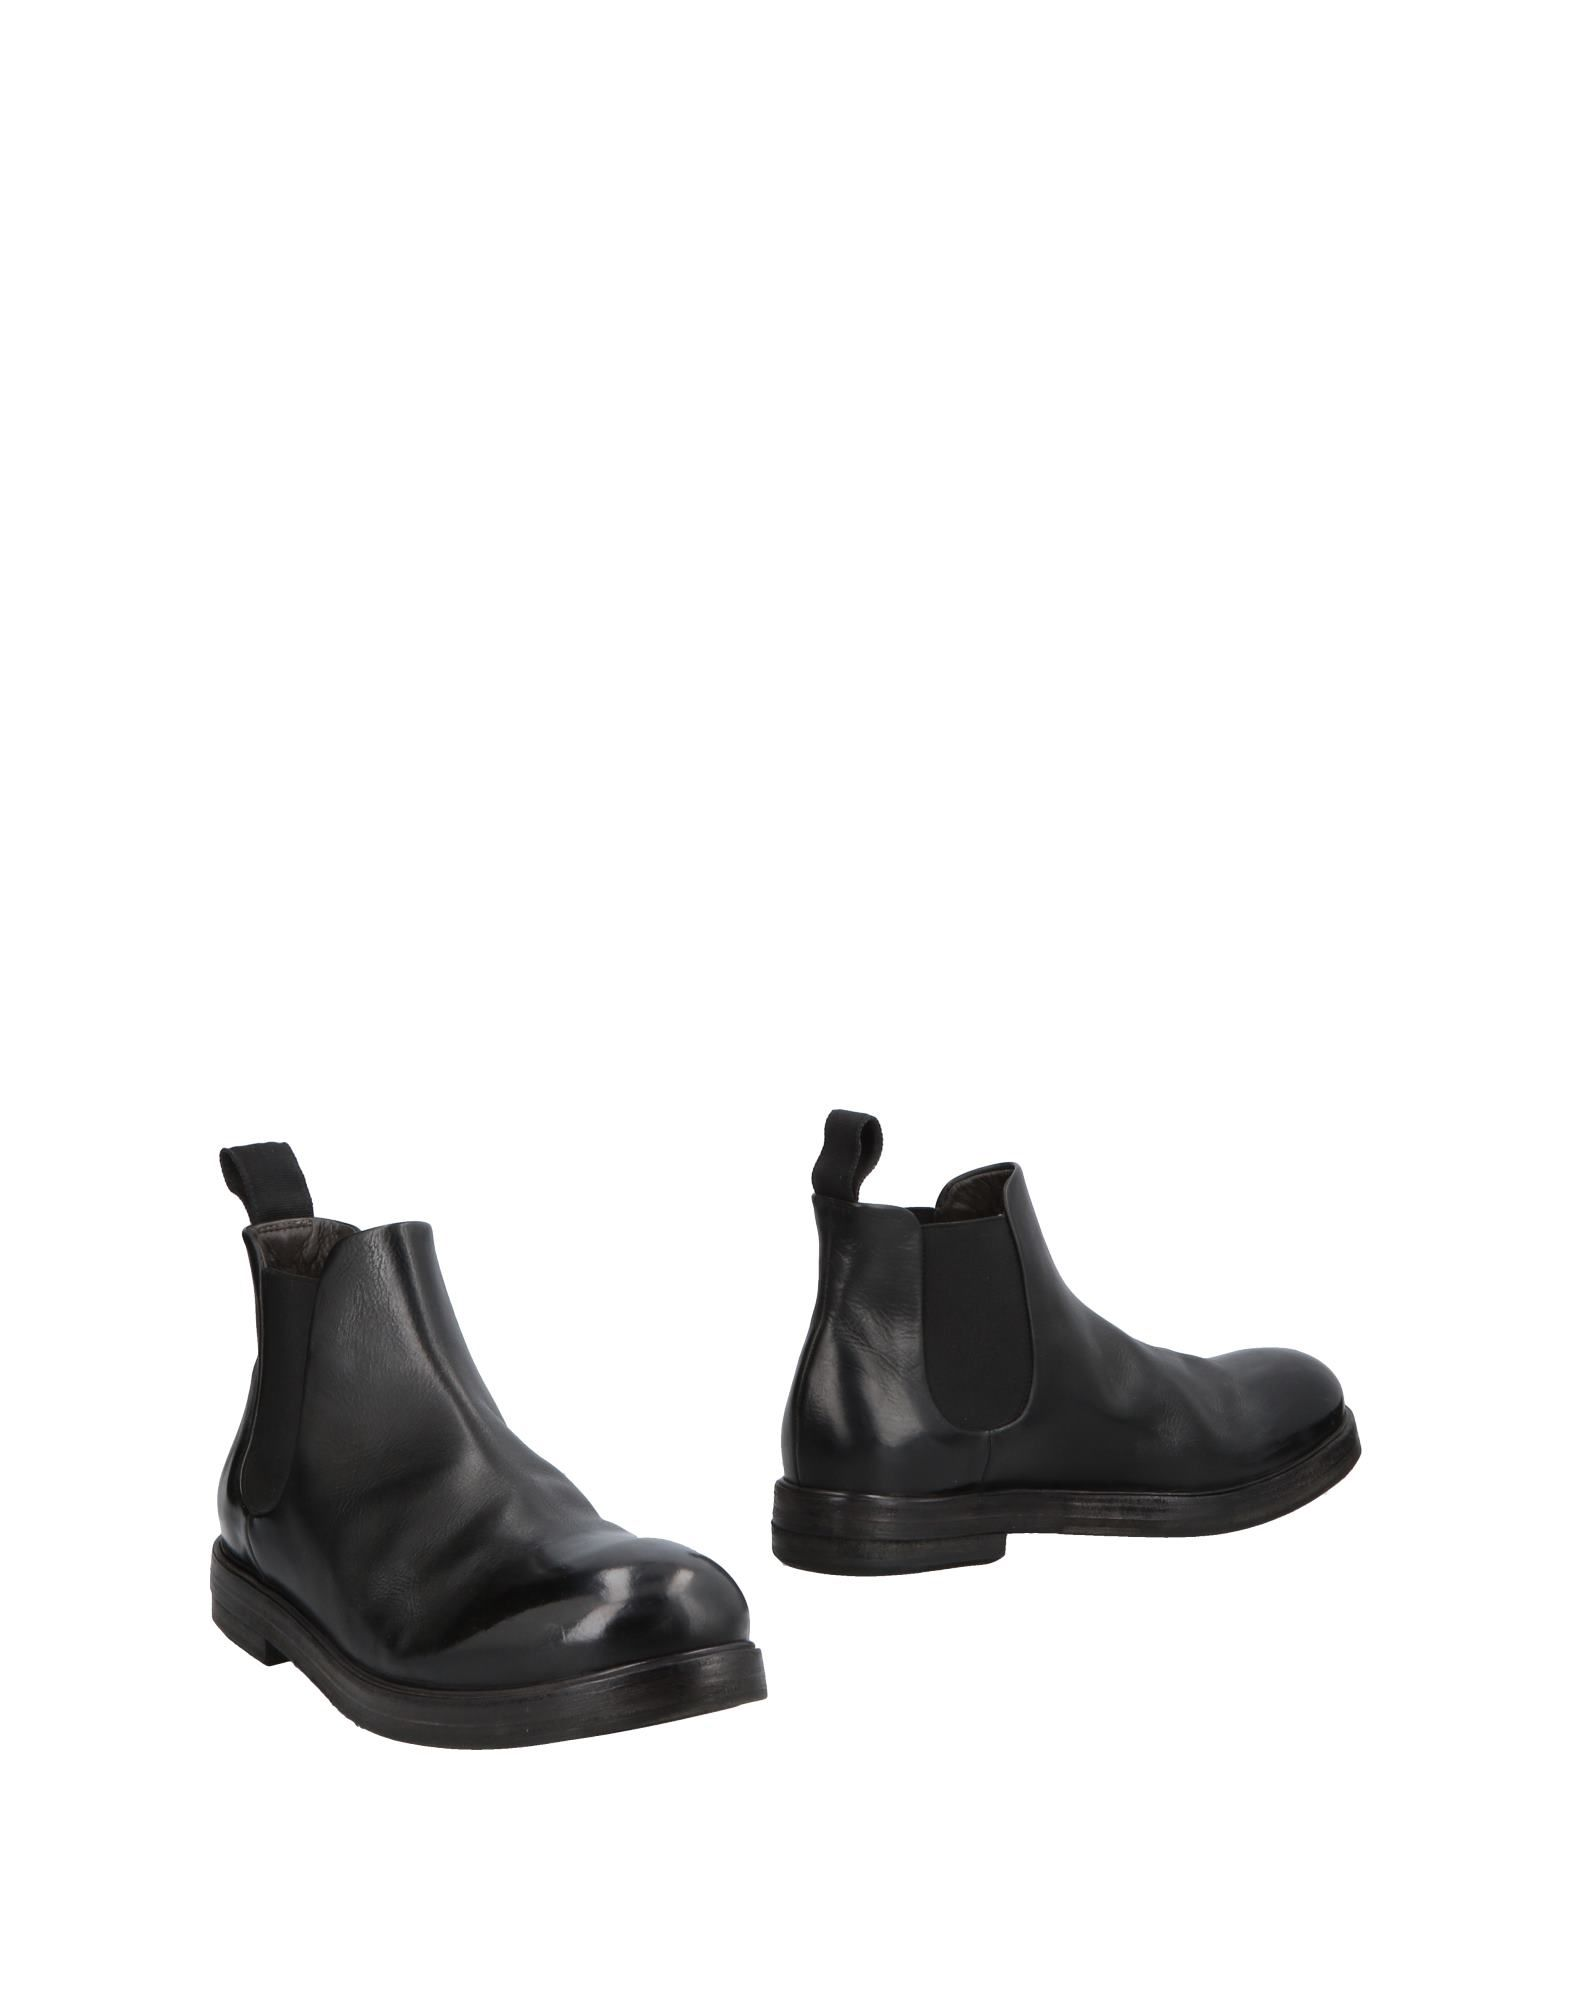 Marsèll 11504926EP Stiefelette Herren  11504926EP Marsèll Gute Qualität beliebte Schuhe 43e8b1